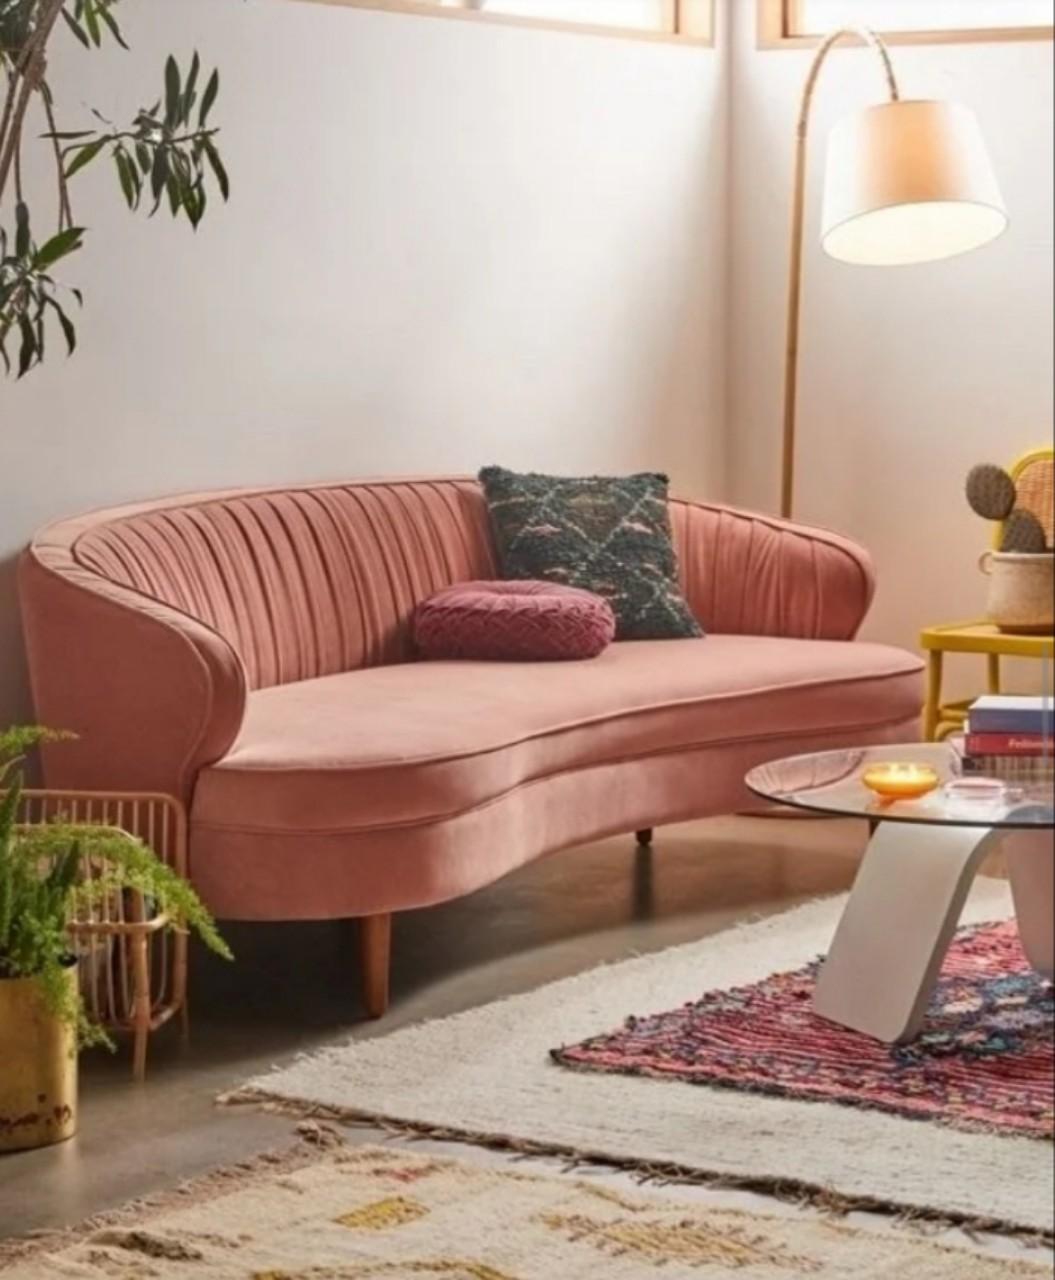 5 cách chọn mua ghế sofa đạt chất lượng